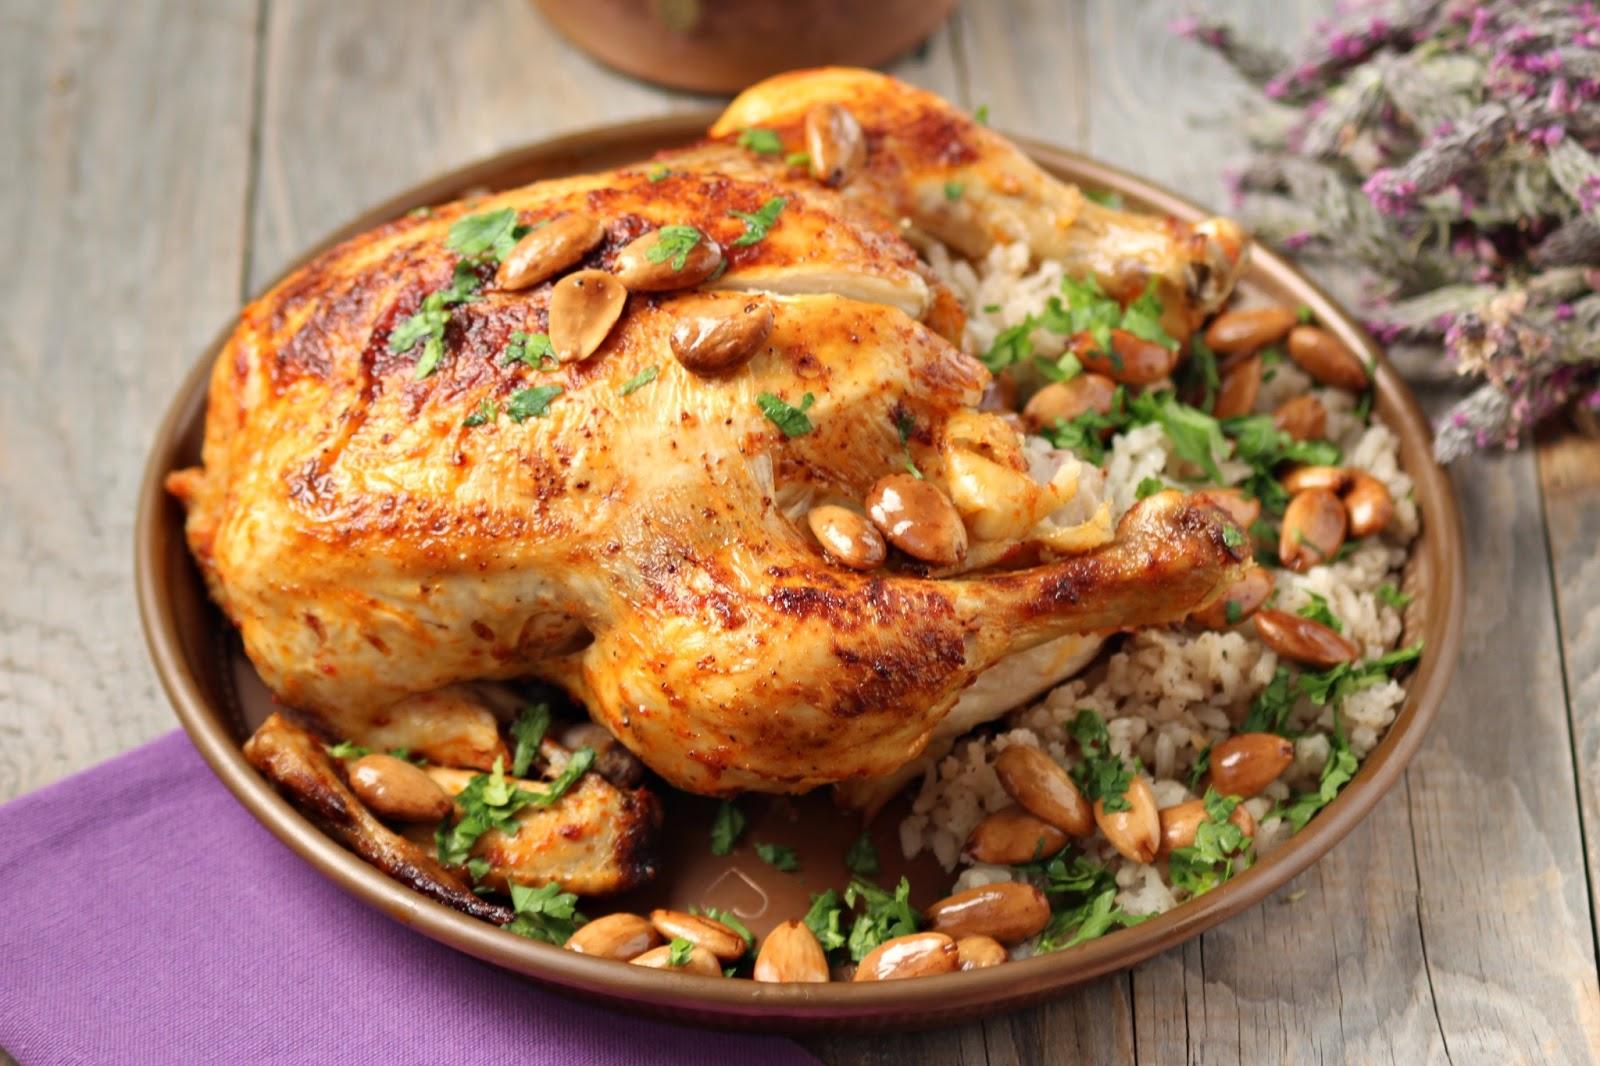 Tavuk hamuru nasıl pişirilir